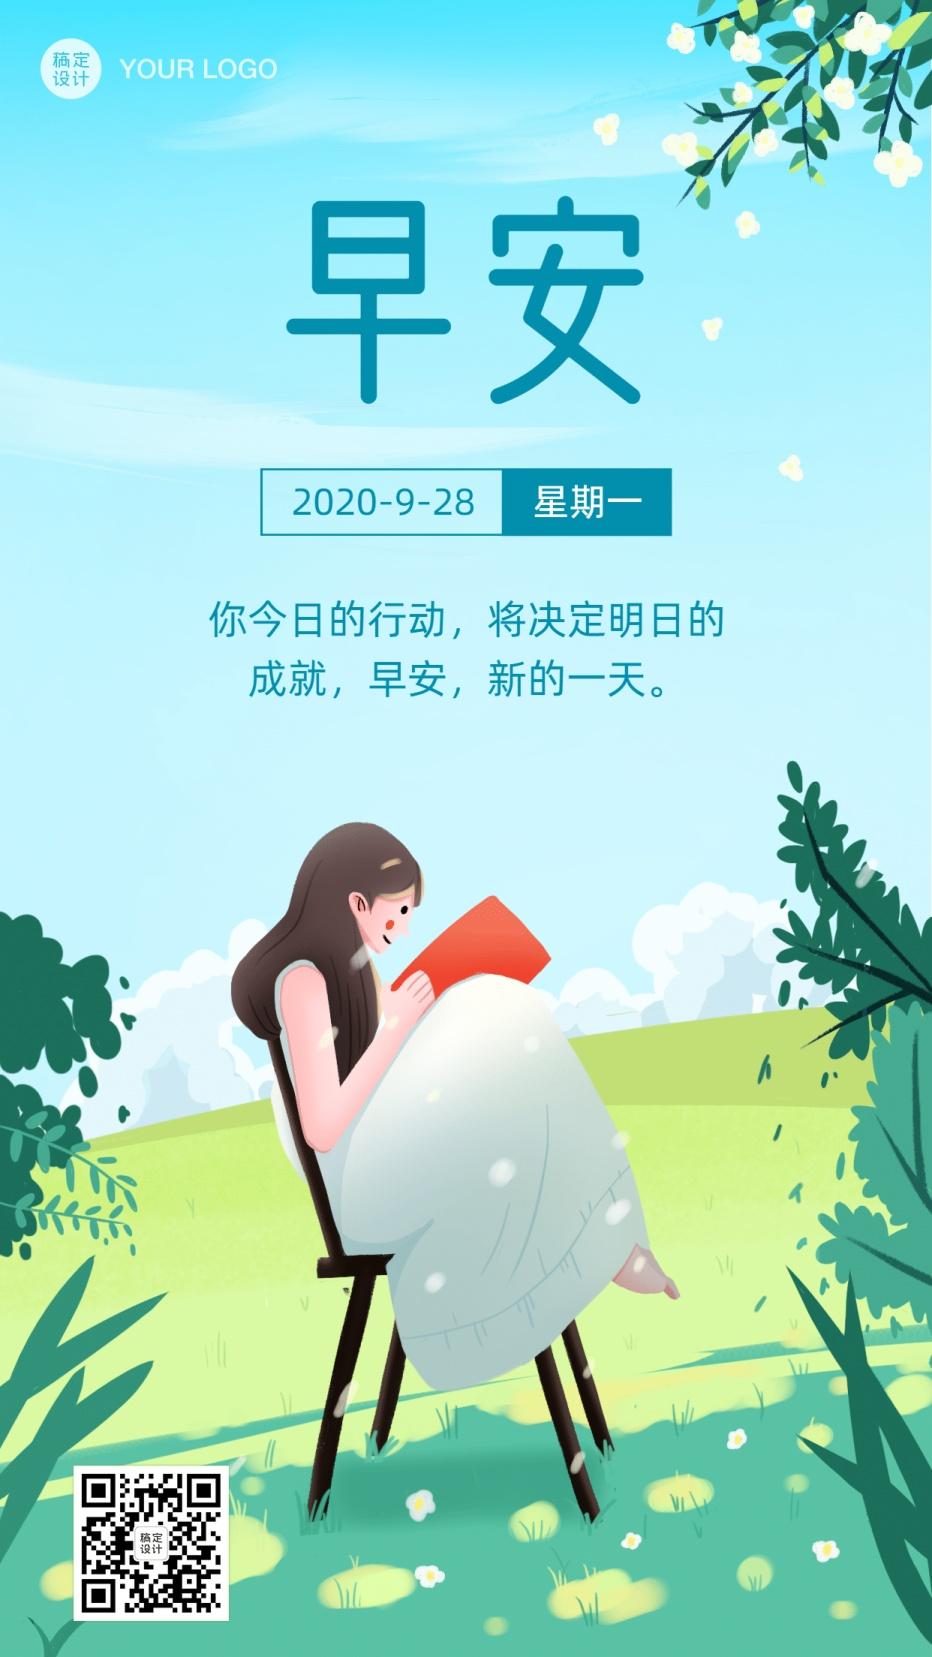 读书学习励志奋斗清新手绘早安海报